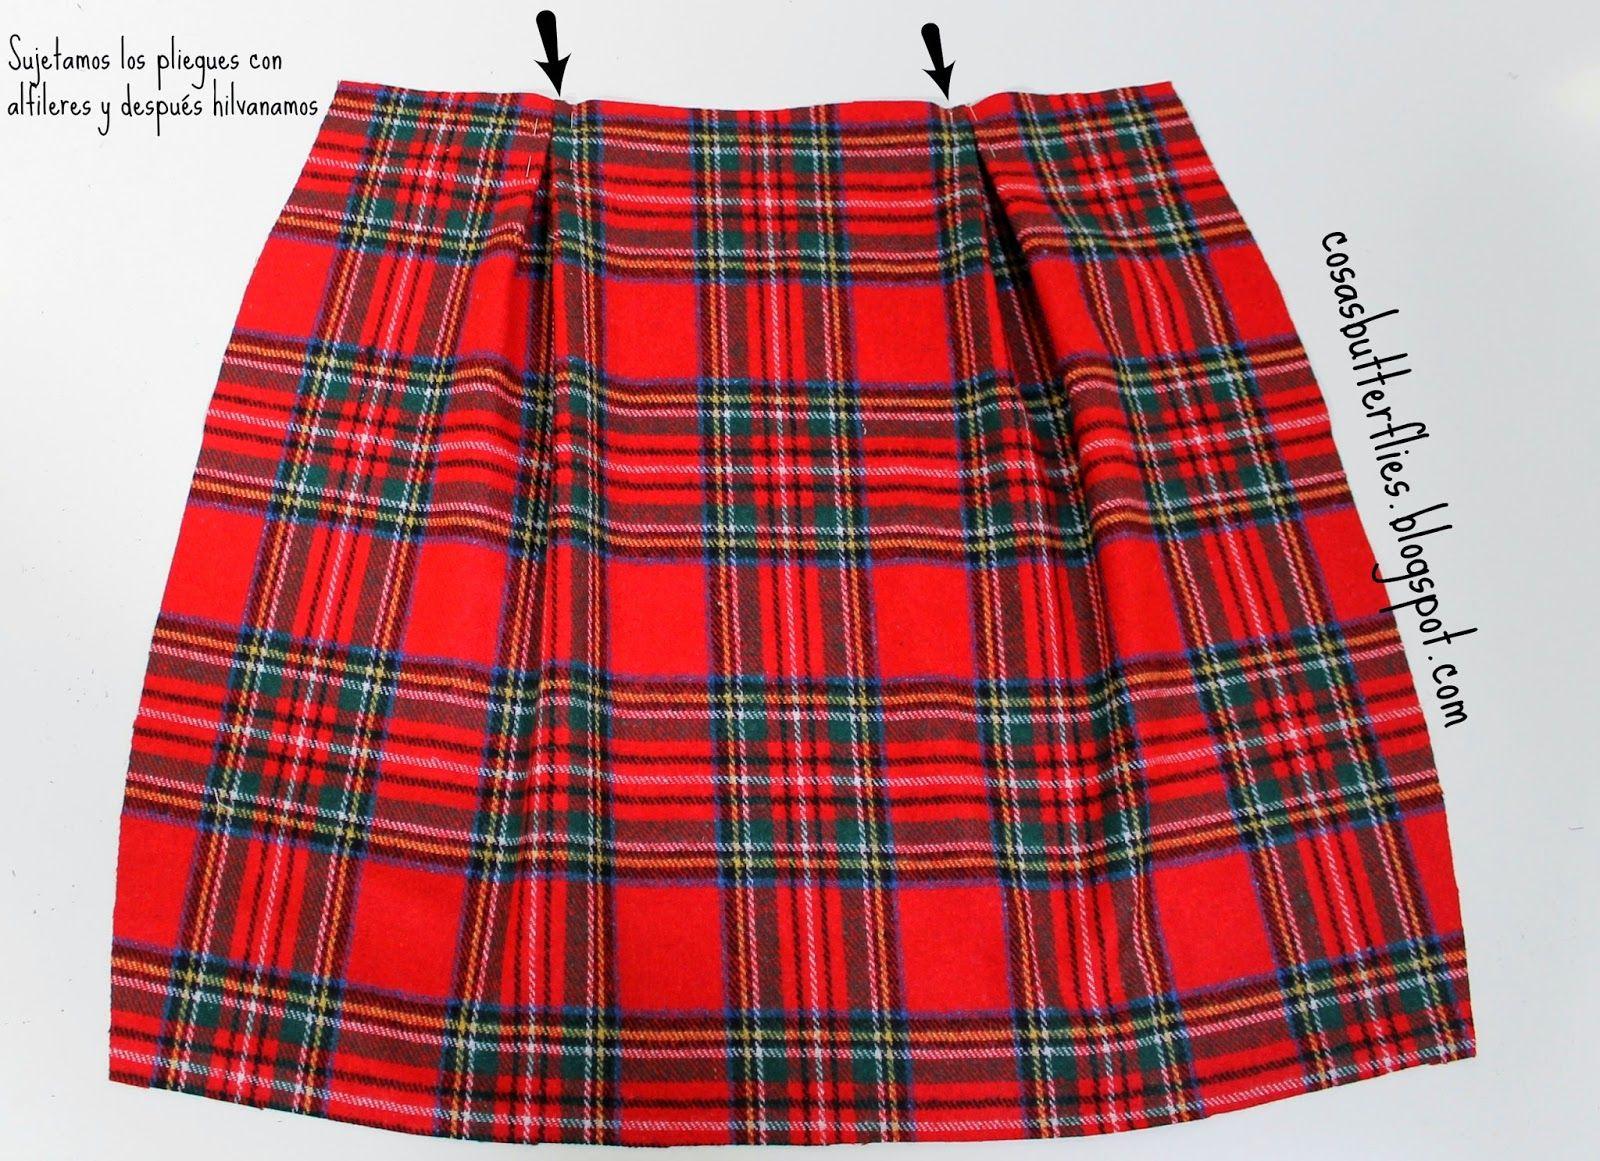 DIY Tutorial y patrón gratis de falda con cuadros tartán | Aprender manualidades es facilisimo.com